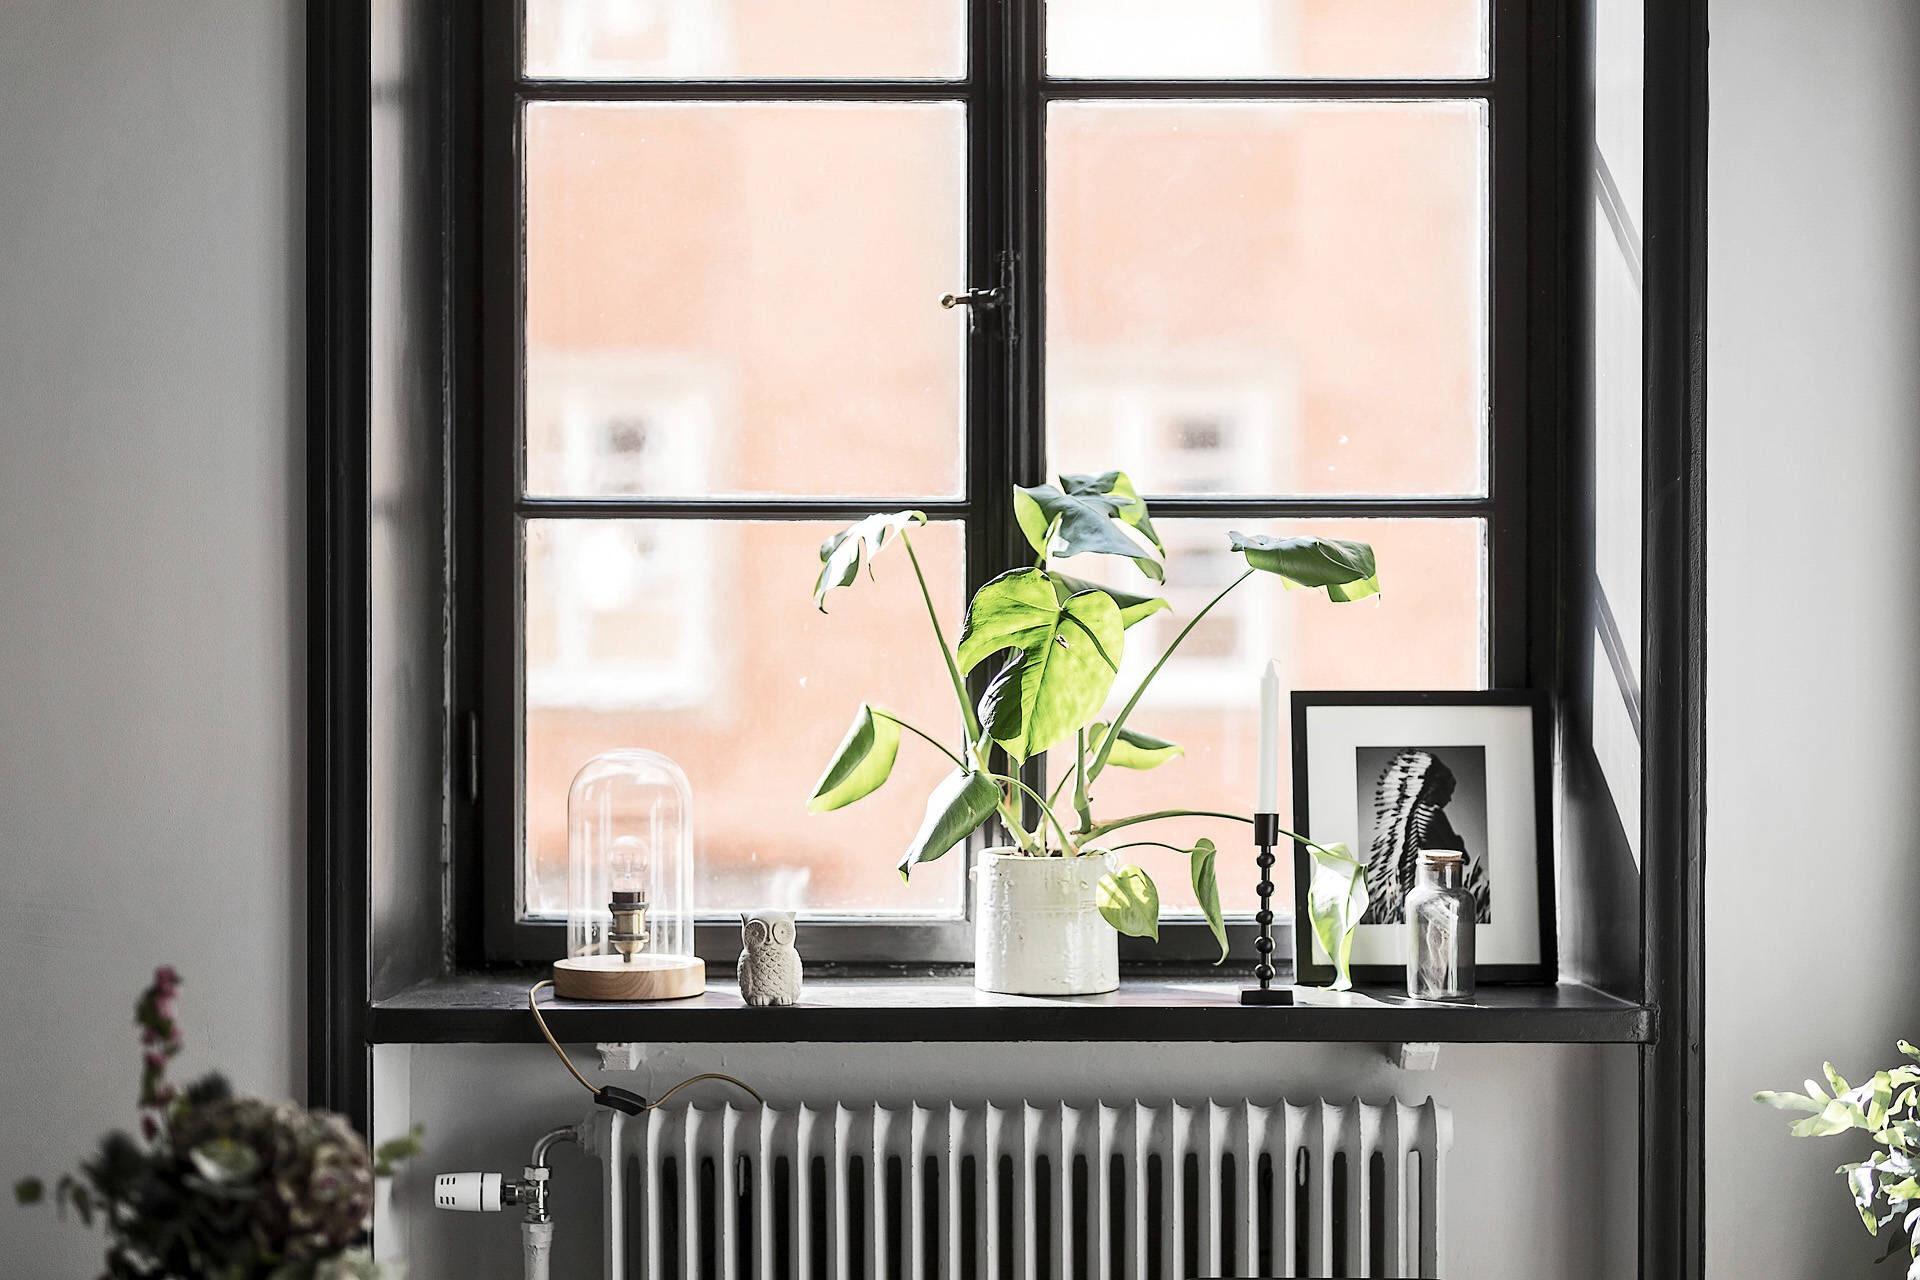 окно темные рамы подоконник цветок кашпо декор радиатор отопления